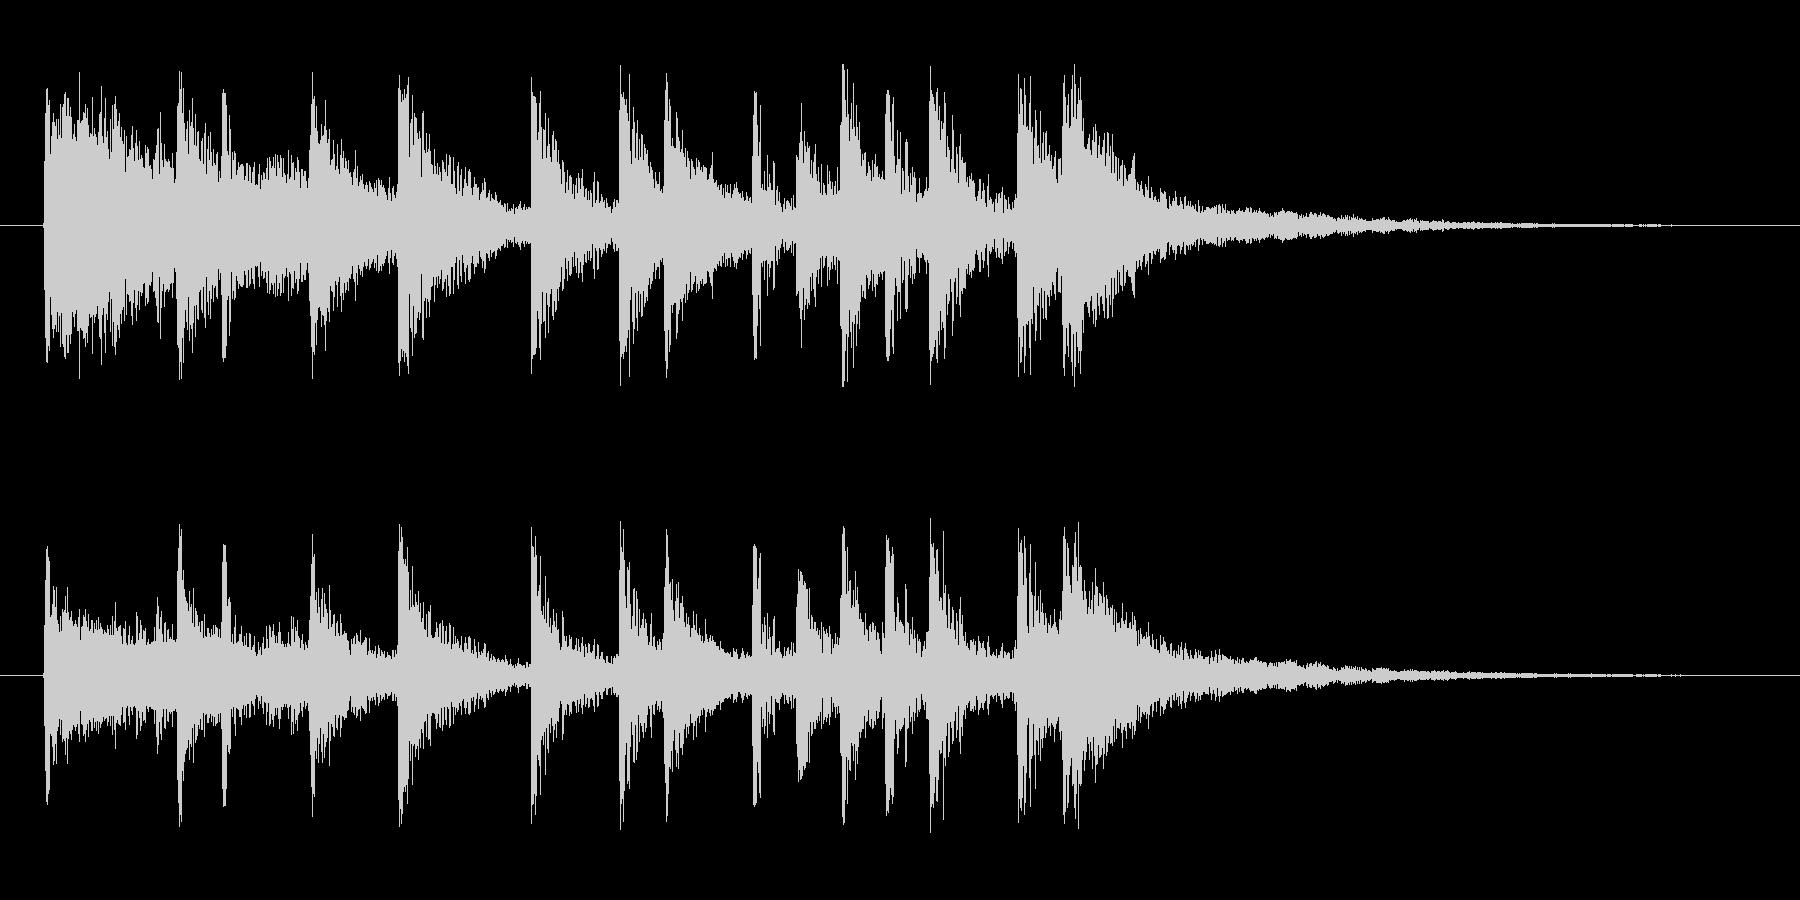 ドタバタと賑やかなロックドラムのジングルの未再生の波形